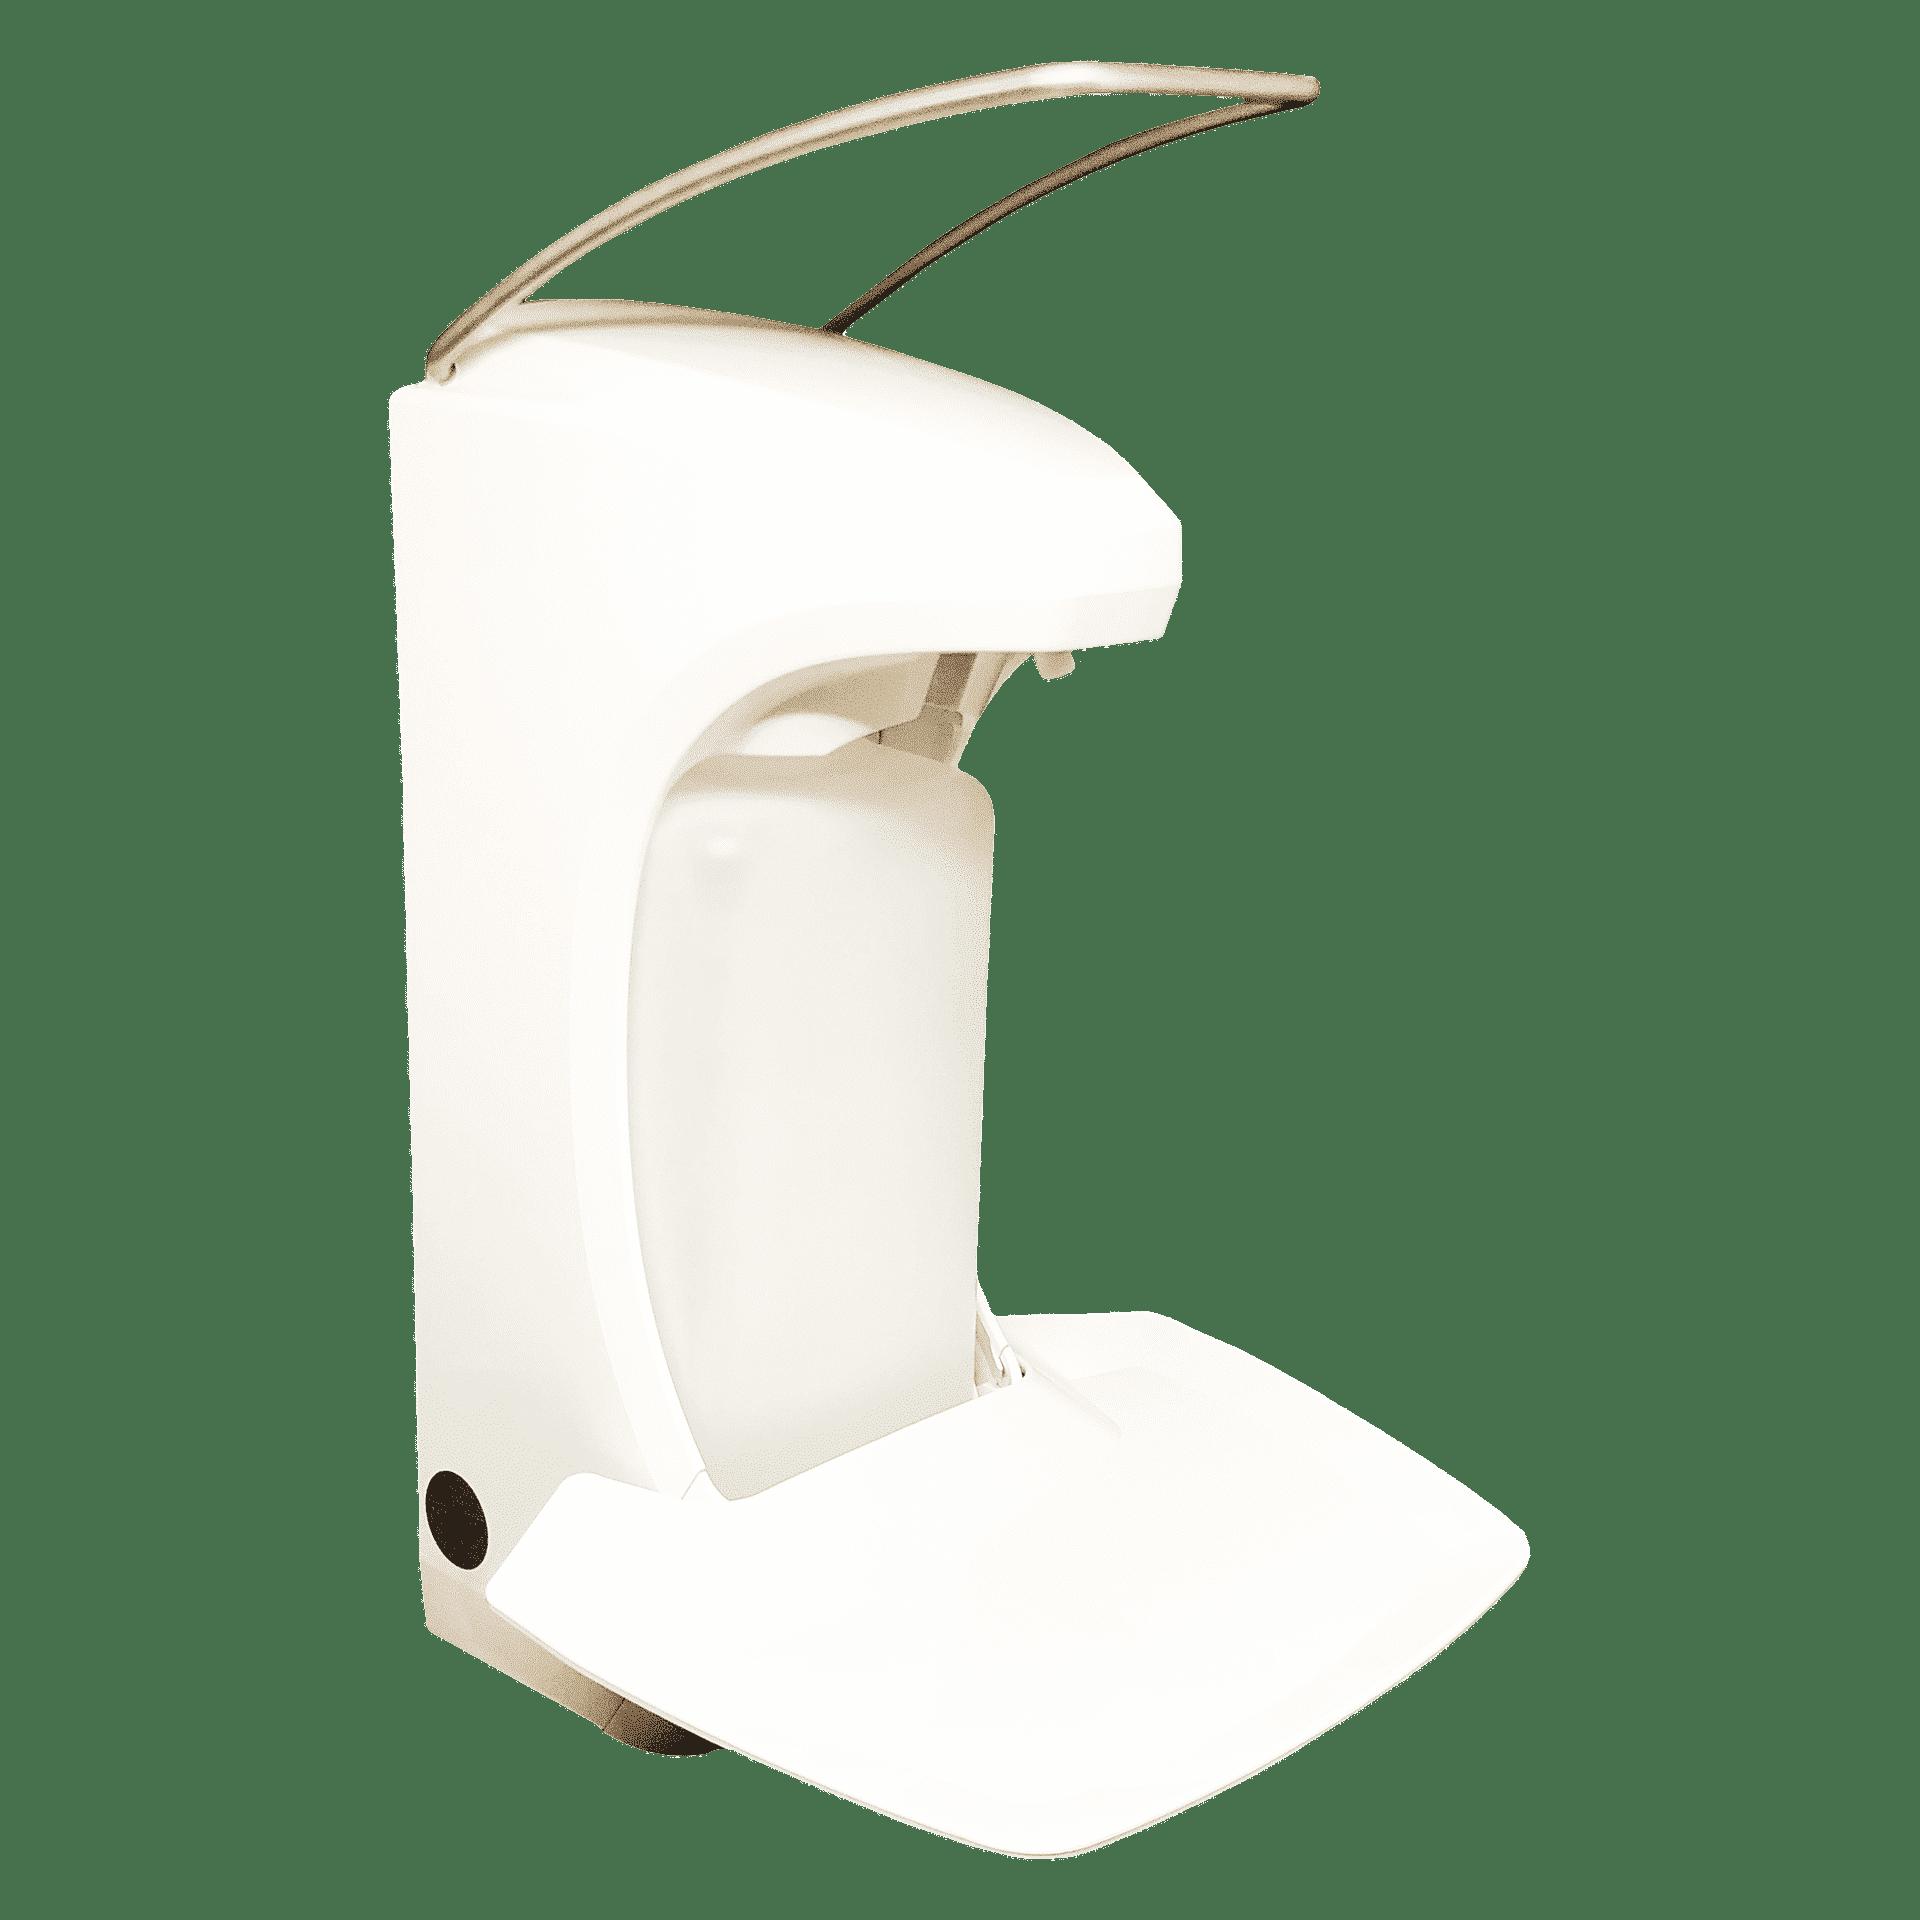 Диспенсер RX 5 M с лотком для капель и замком, білий